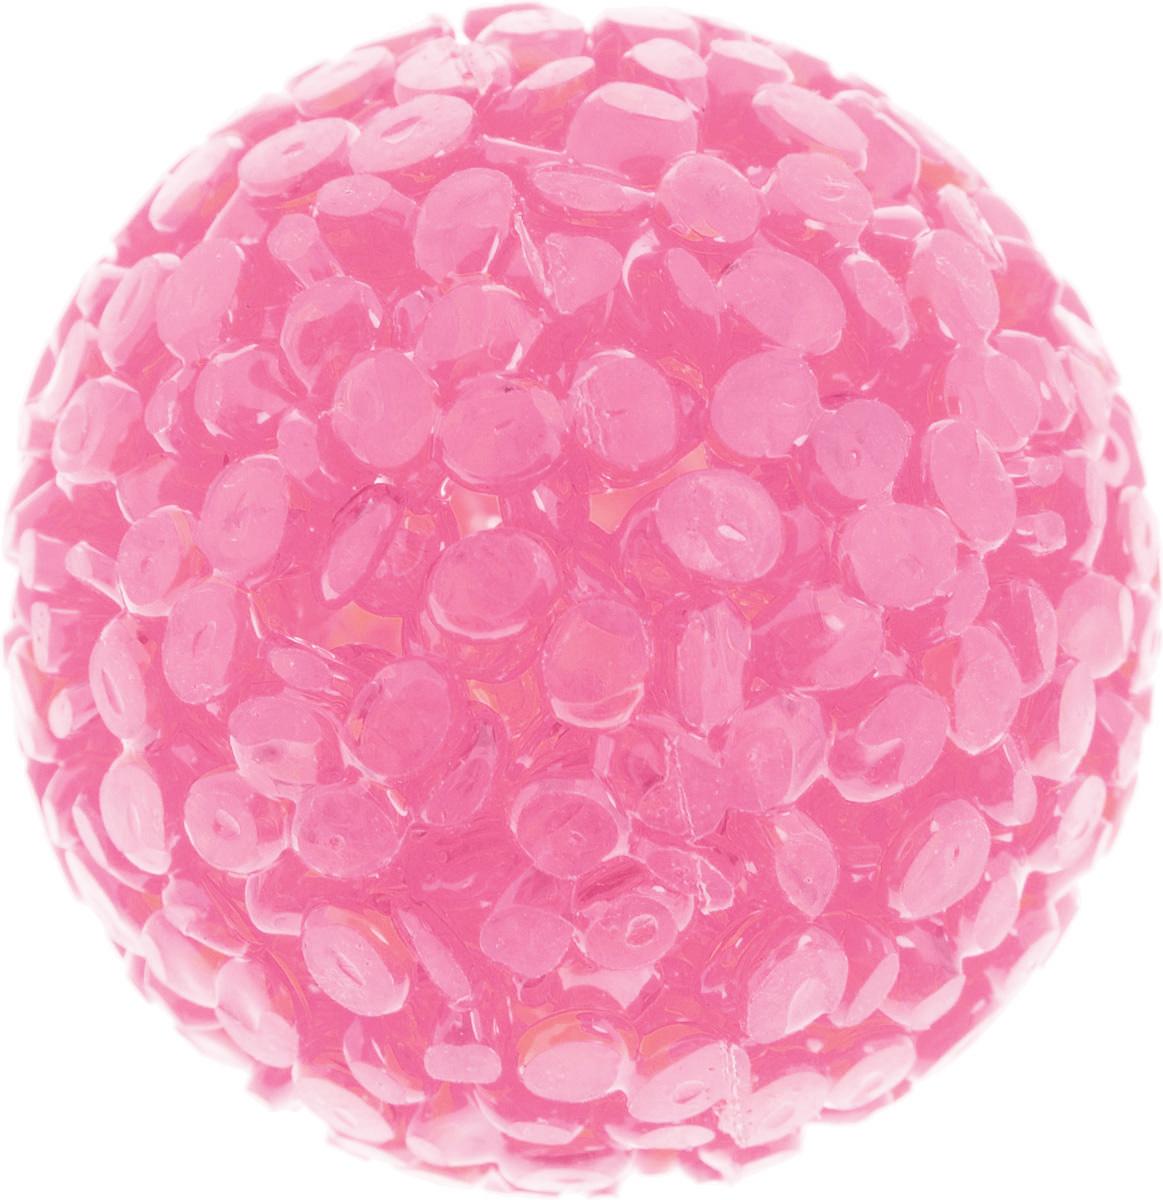 Игрушка для животных Каскад Мячик блестящий, цвет: розовый, диаметр 4 см0120710Игрушка для животных Каскад Мячик блестящий изготовлена из высококачественной синтетики. Внутри изделия имеется небольшой бубенчик, который привлечет внимание питомца. Такая игрушка порадует вашего любимца, а вам доставит массу приятных эмоций, ведь наблюдать за игрой всегда интересно и приятно.Диаметр игрушки: 4 см.